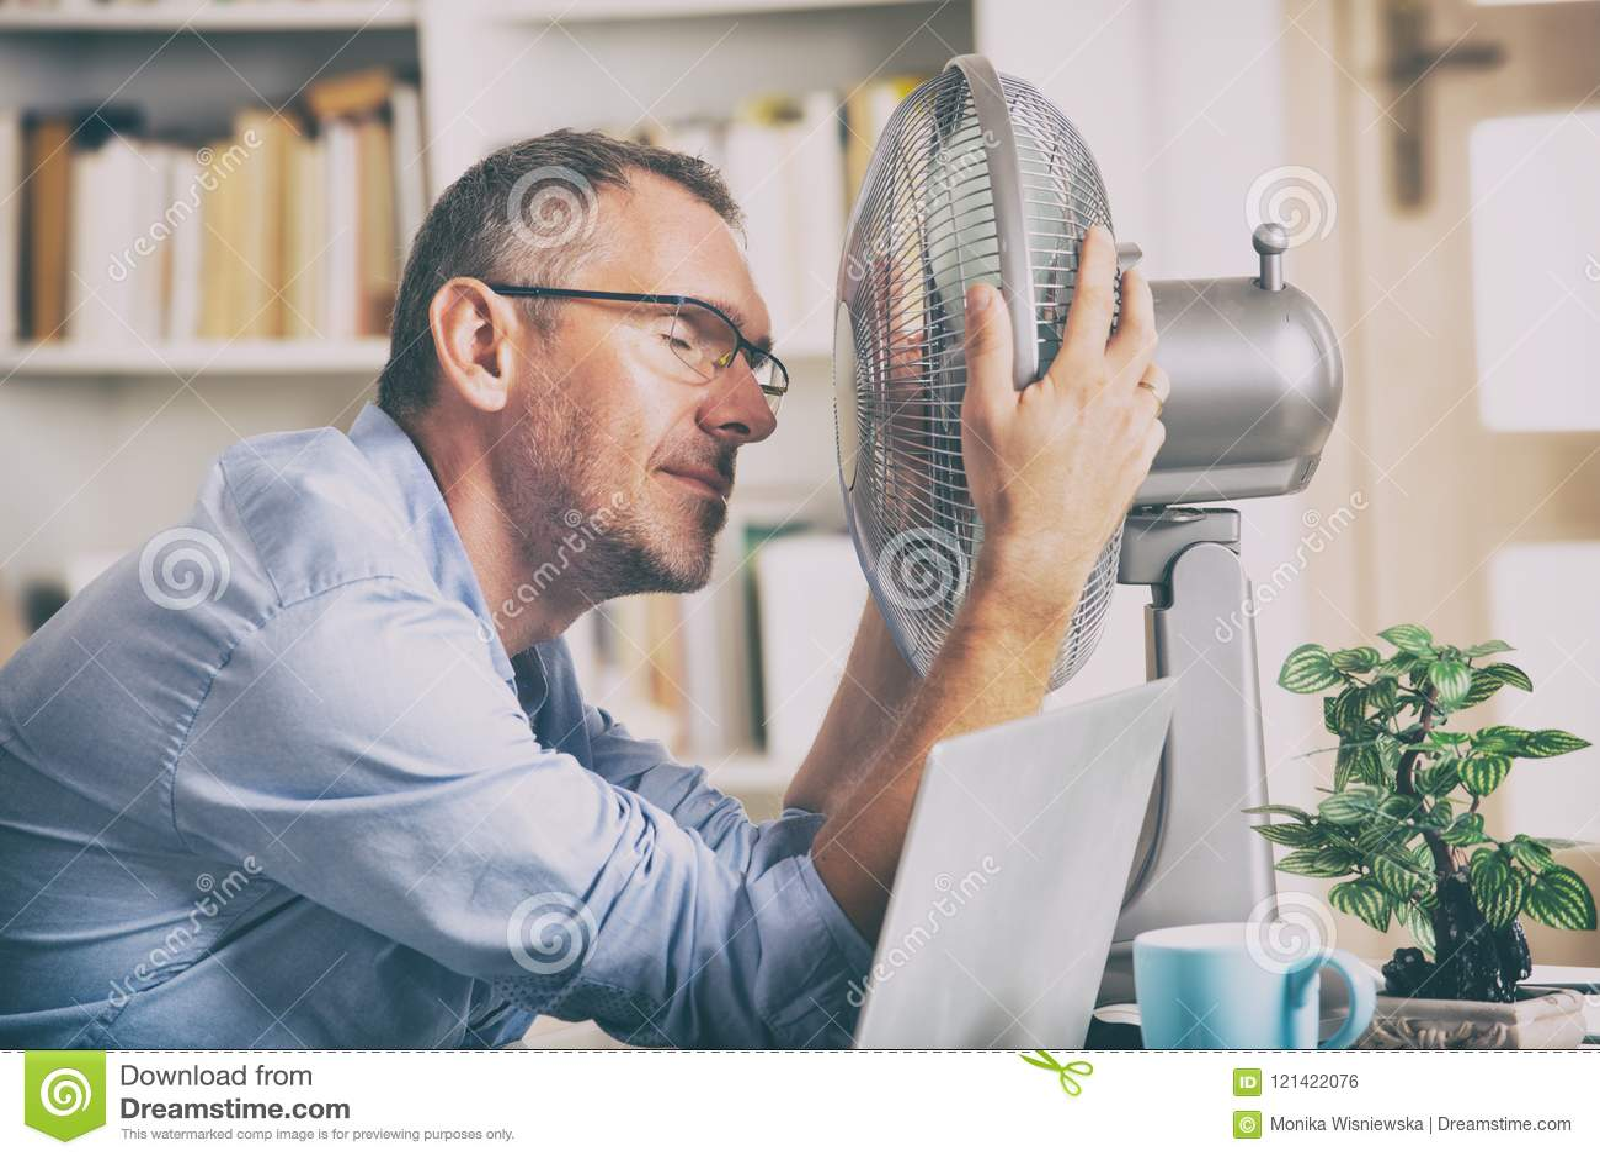 El hombre sufre de calor en la oficina o en casa